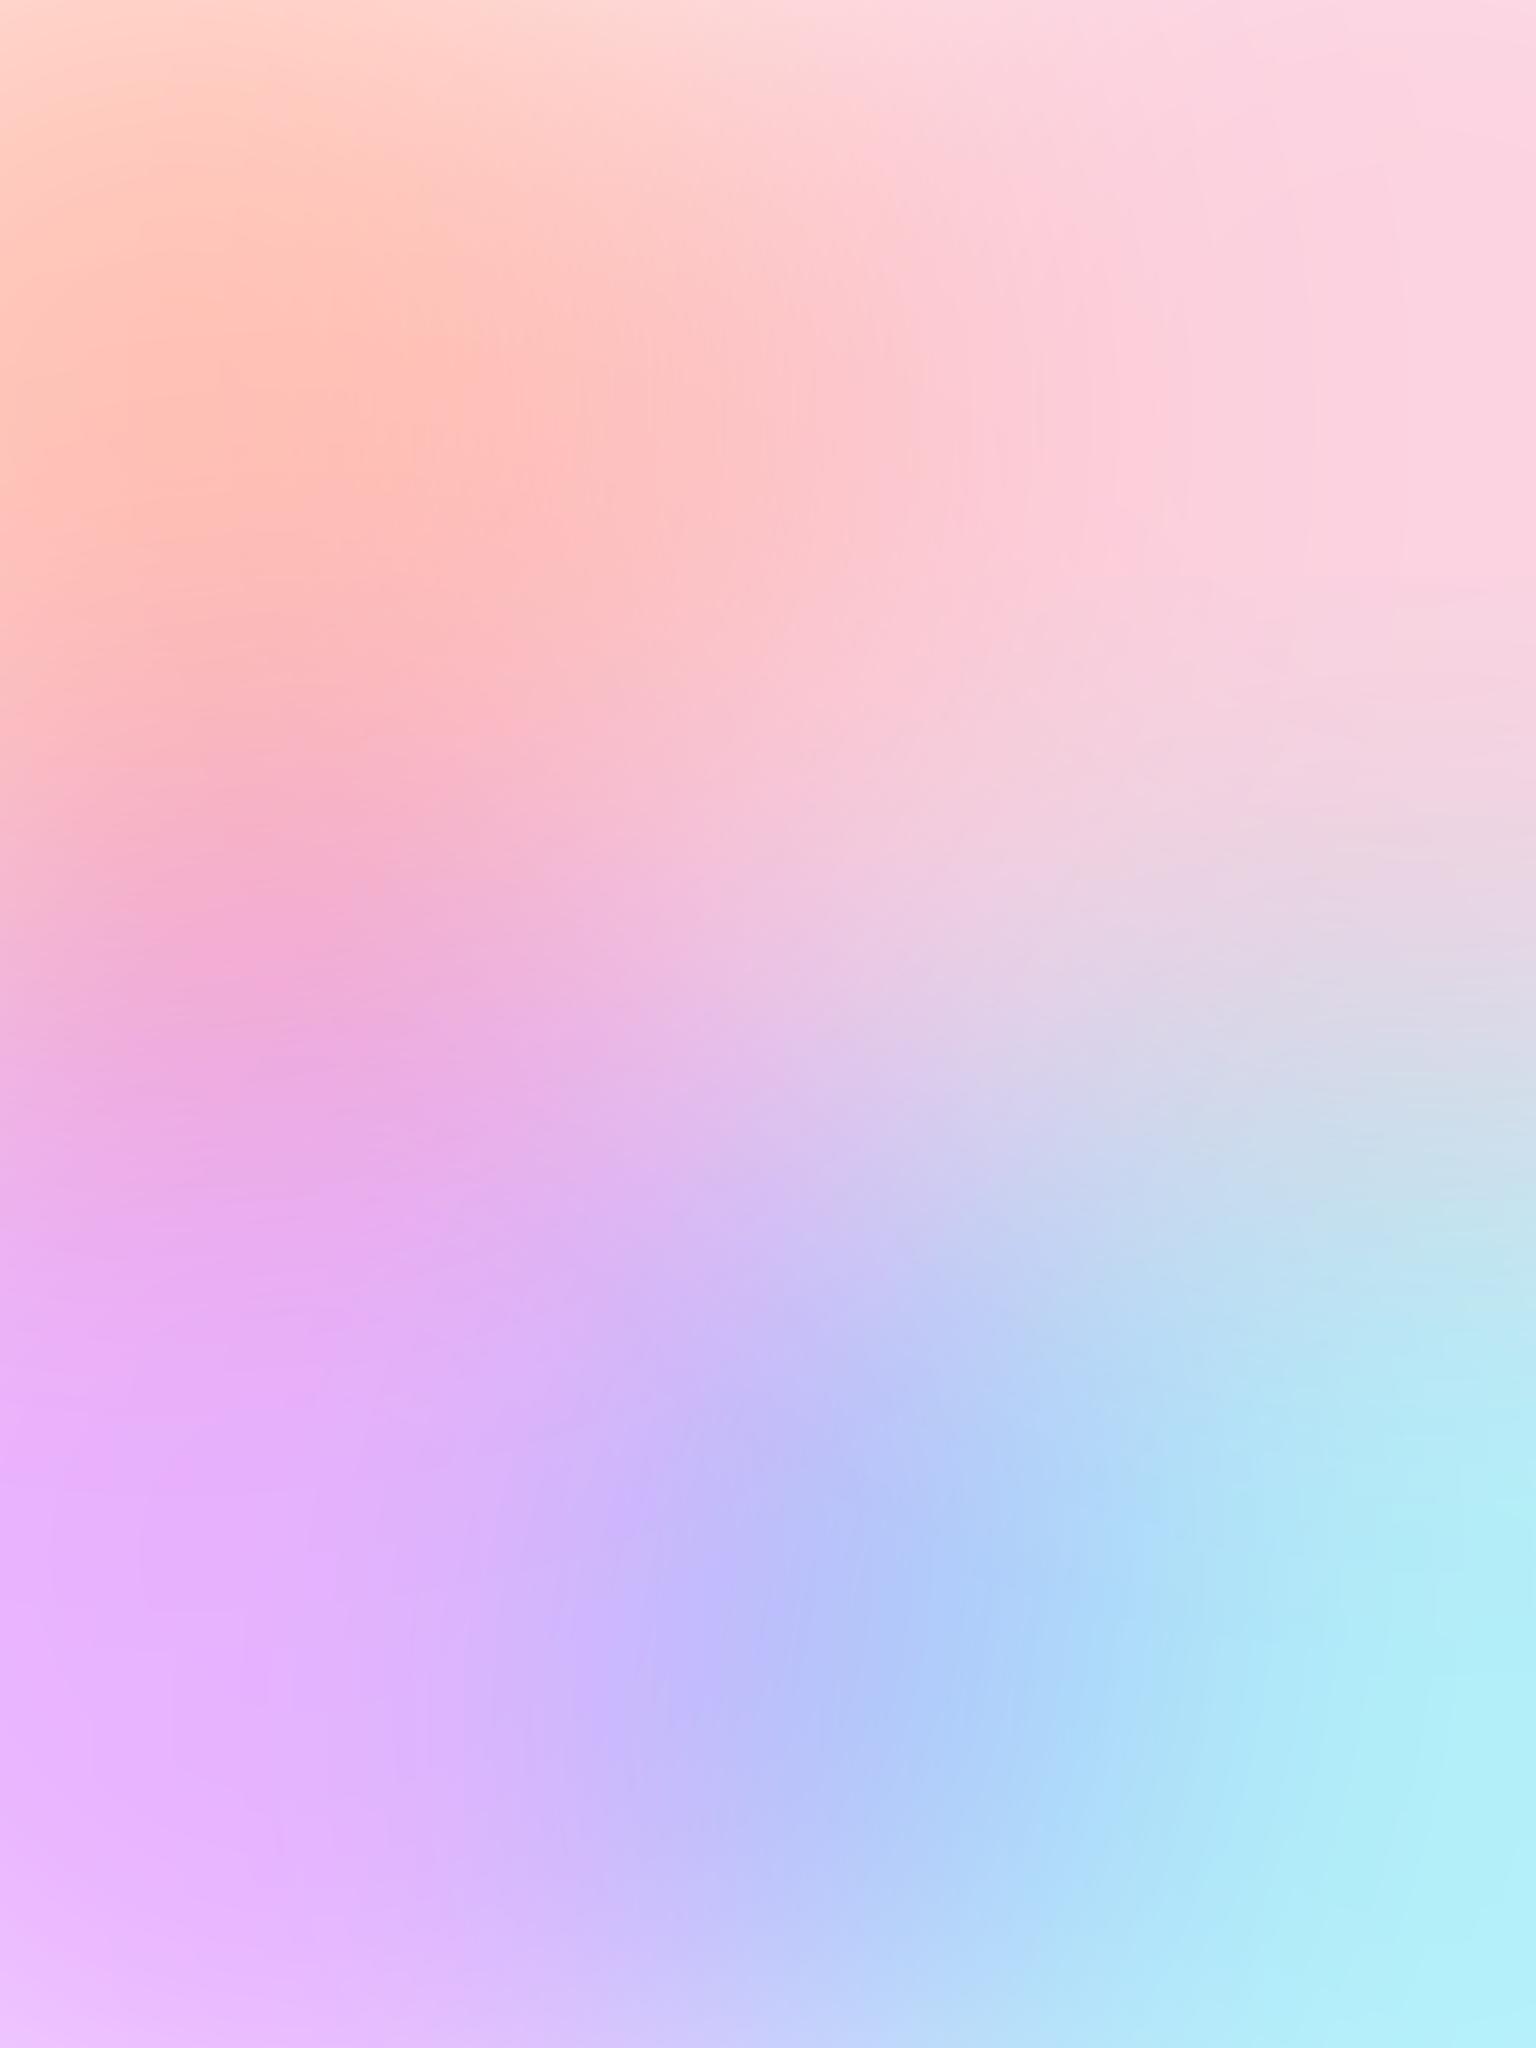 Lilac Descarga Los Fondos De Pantalla De Apple Music Para Tu Iphone